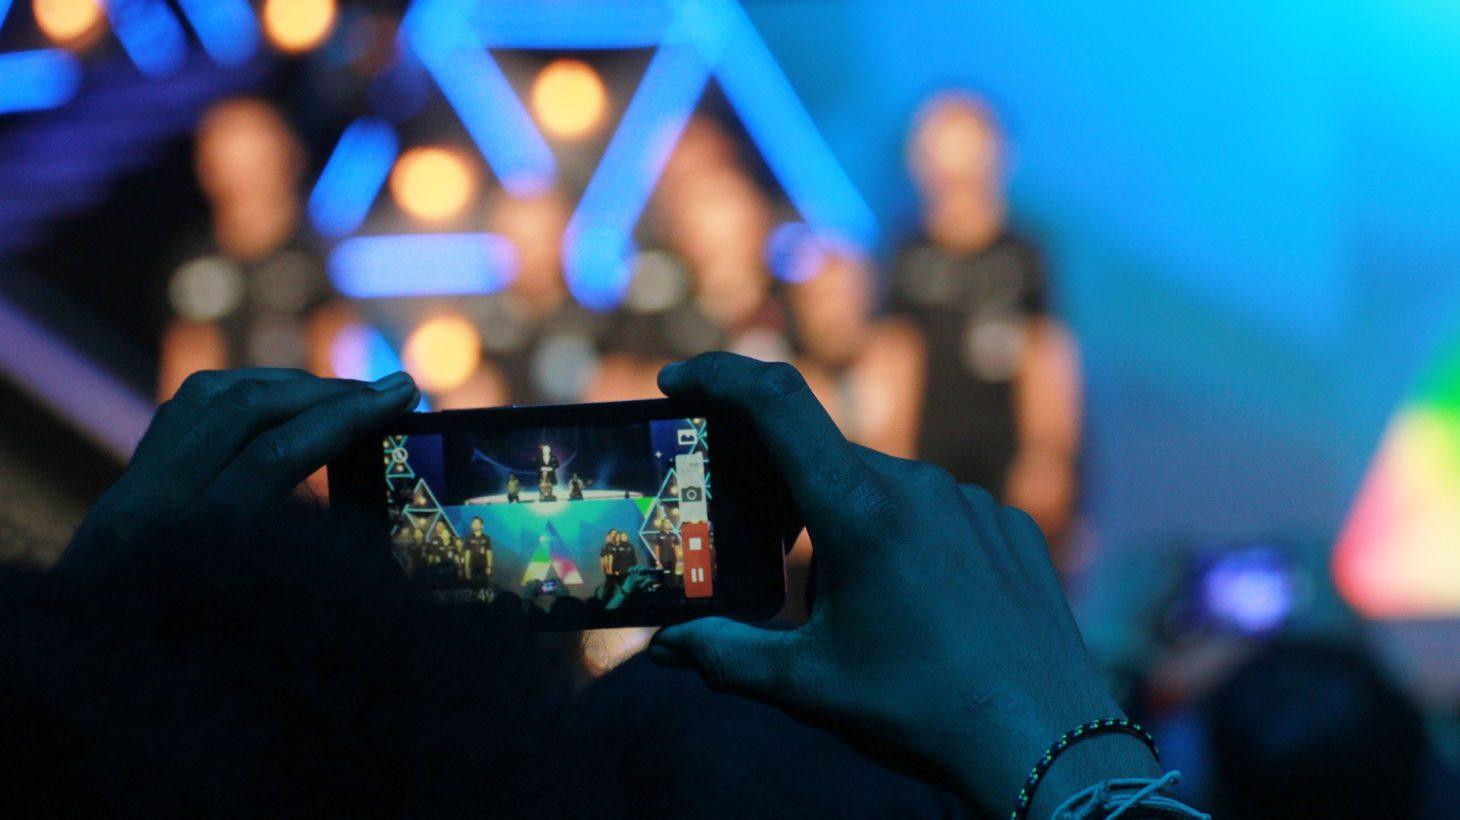 En mobil tar en bild på en grupp människor som är blurrade.